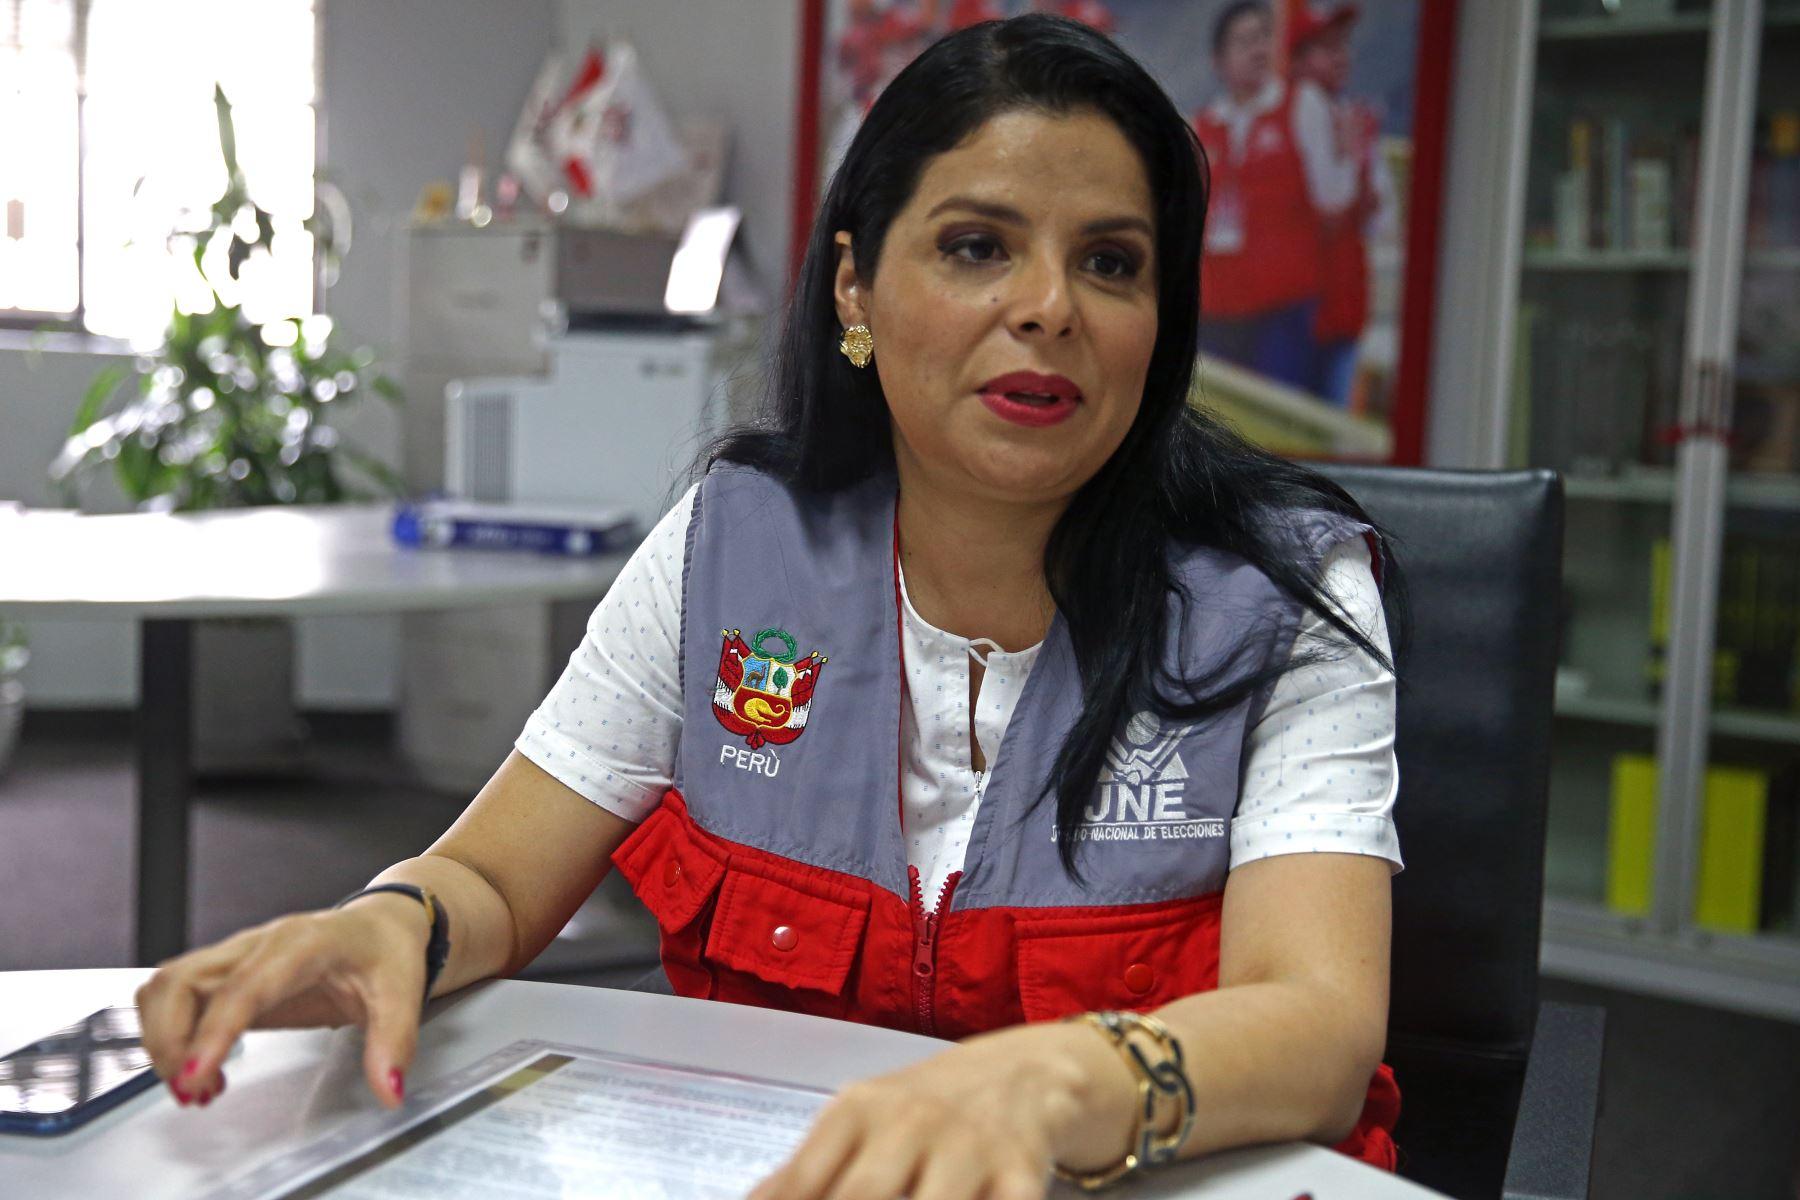 La directora de fiscalización del JNE, Yessenia Clavijo Chipoco está comprometida con la ciudadanía y asegura que el JNE trabaja con esfuerzo y dedicación para que las elecciones sean trasparentes y de acuerdo a ley. ANDINA/Vidal Tarqui